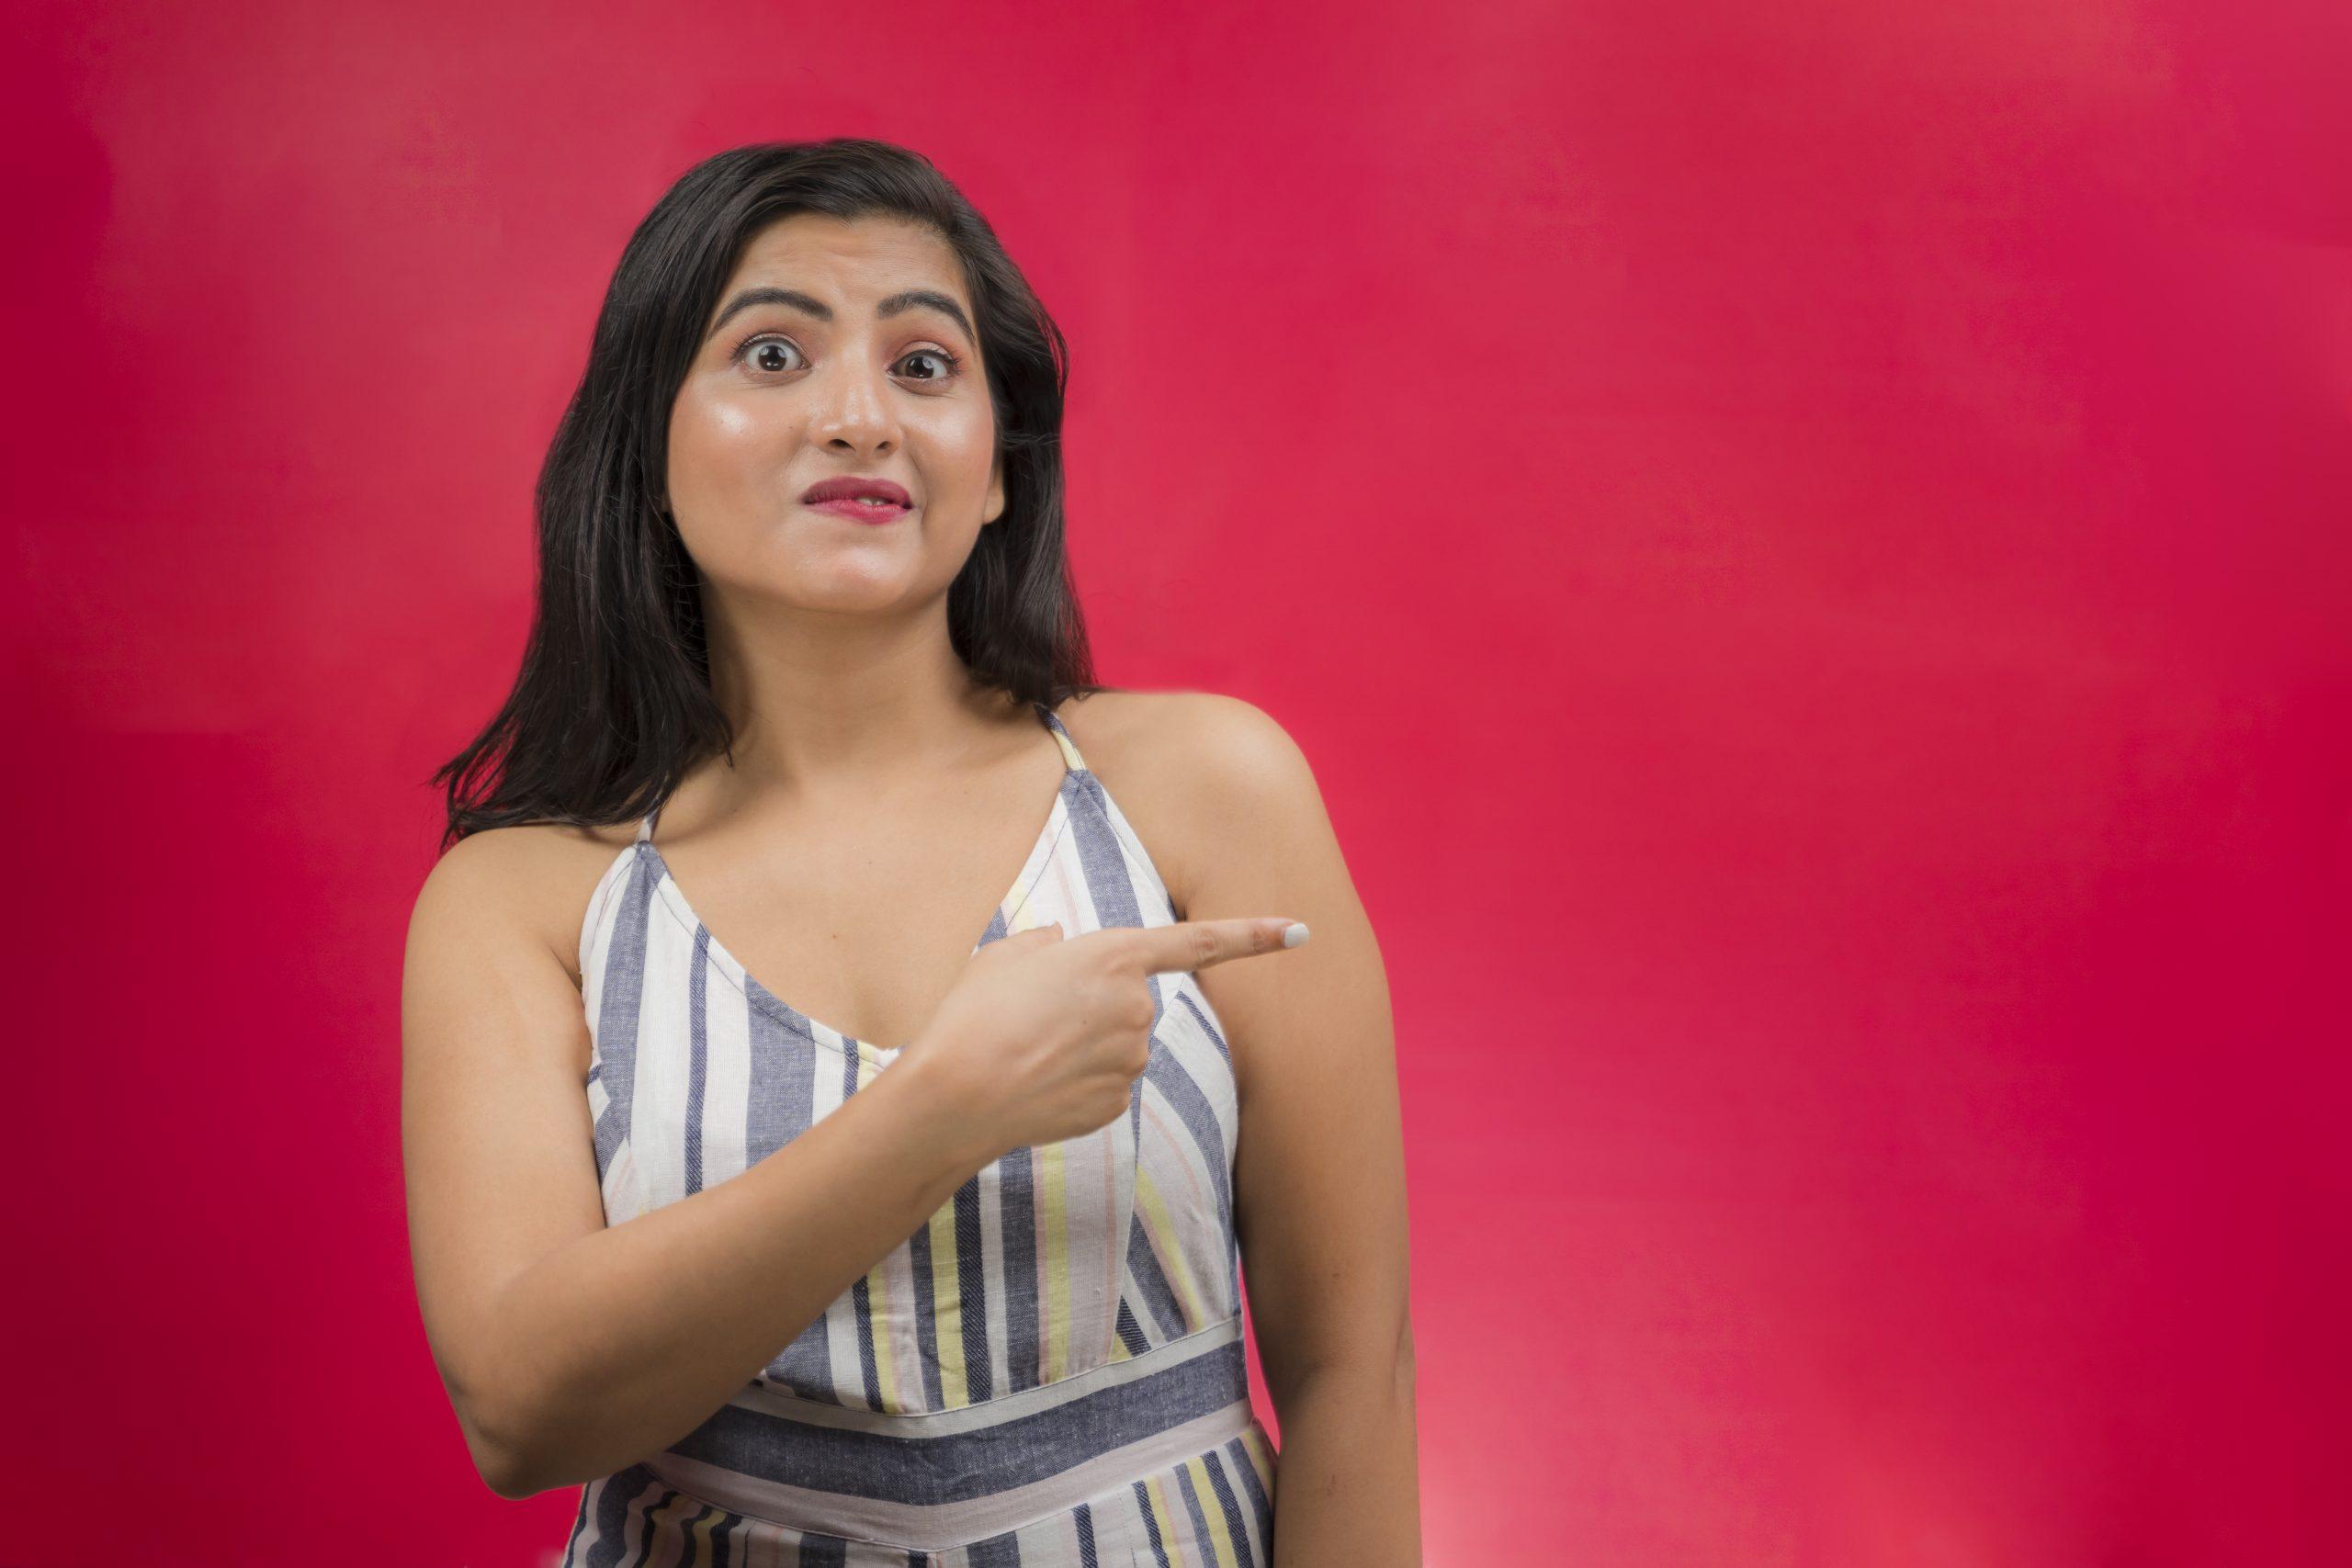 Amazed girl pointing finger